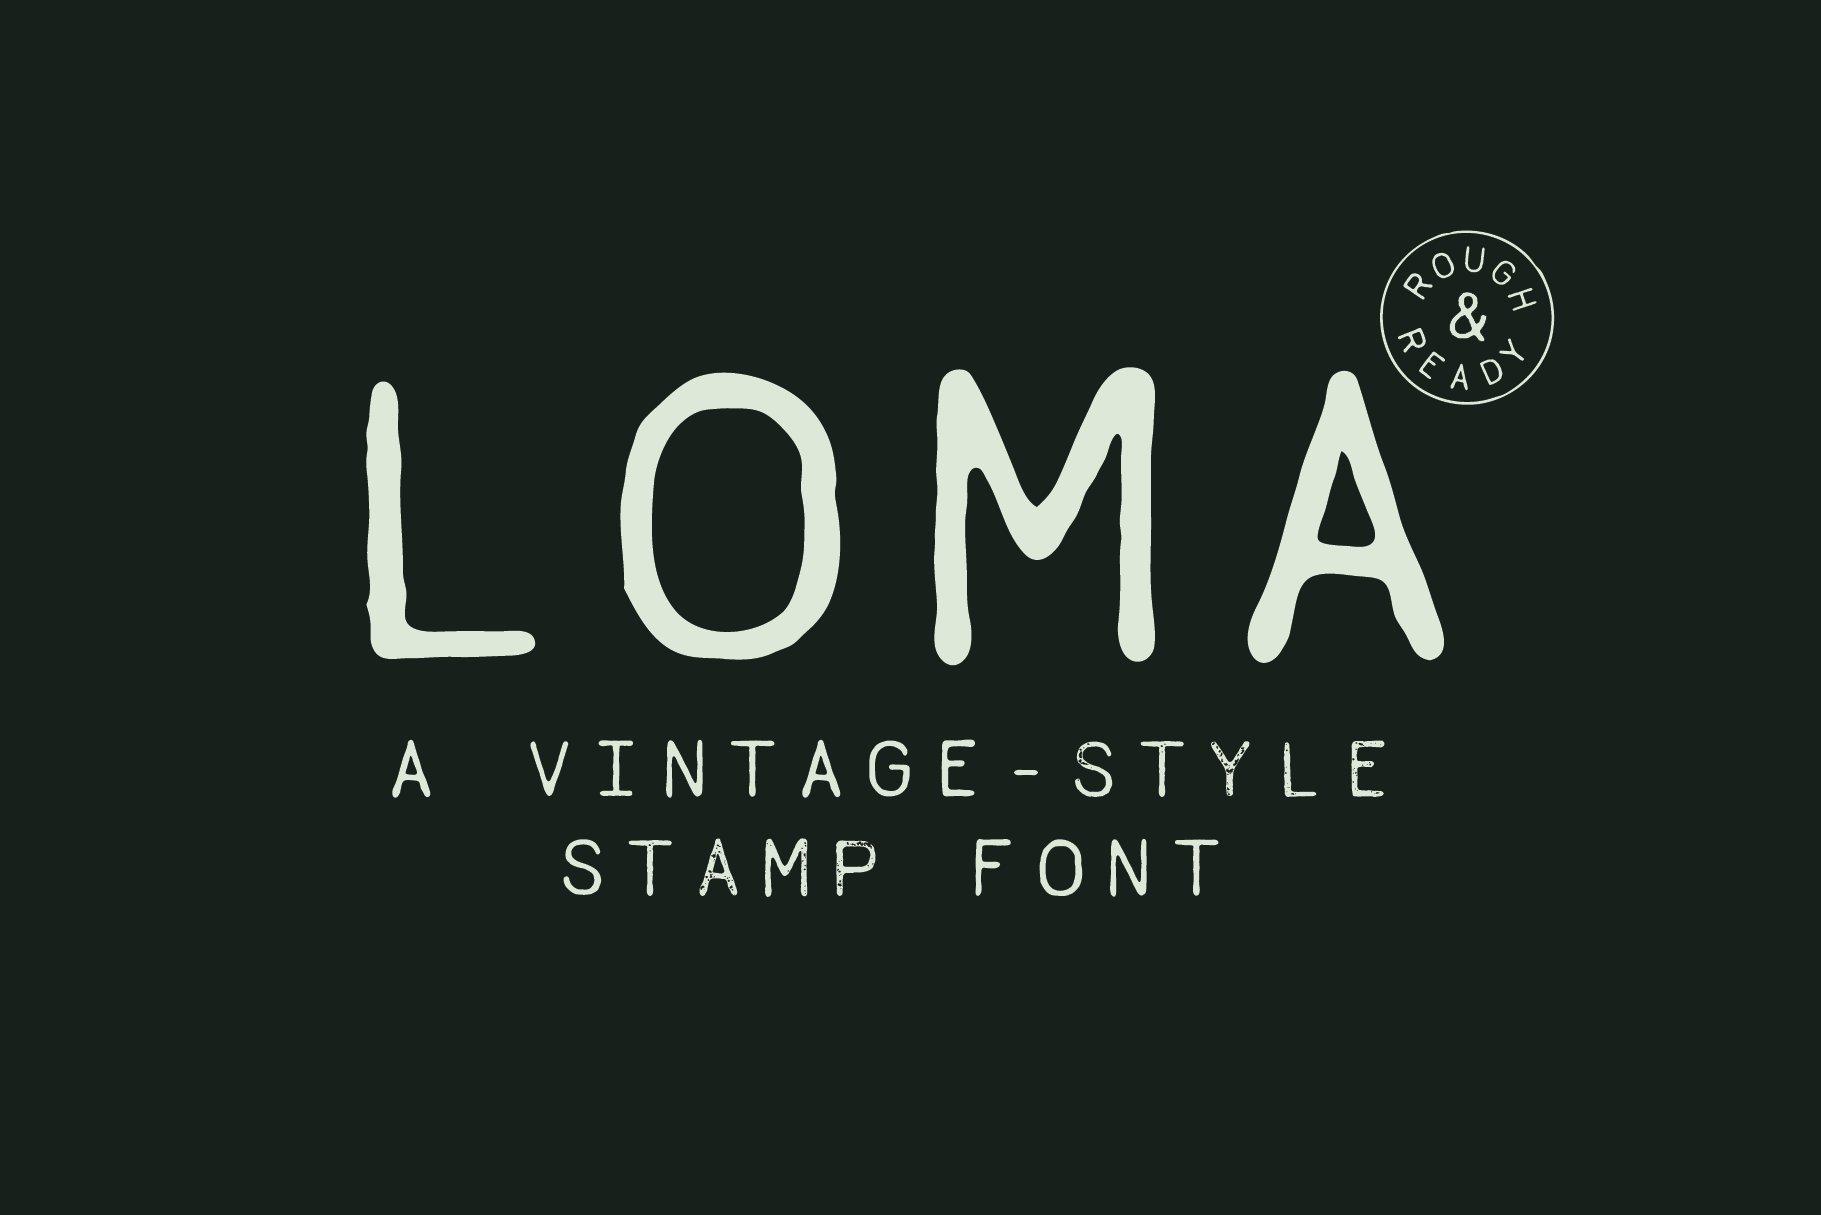 loma font explore1 34 2